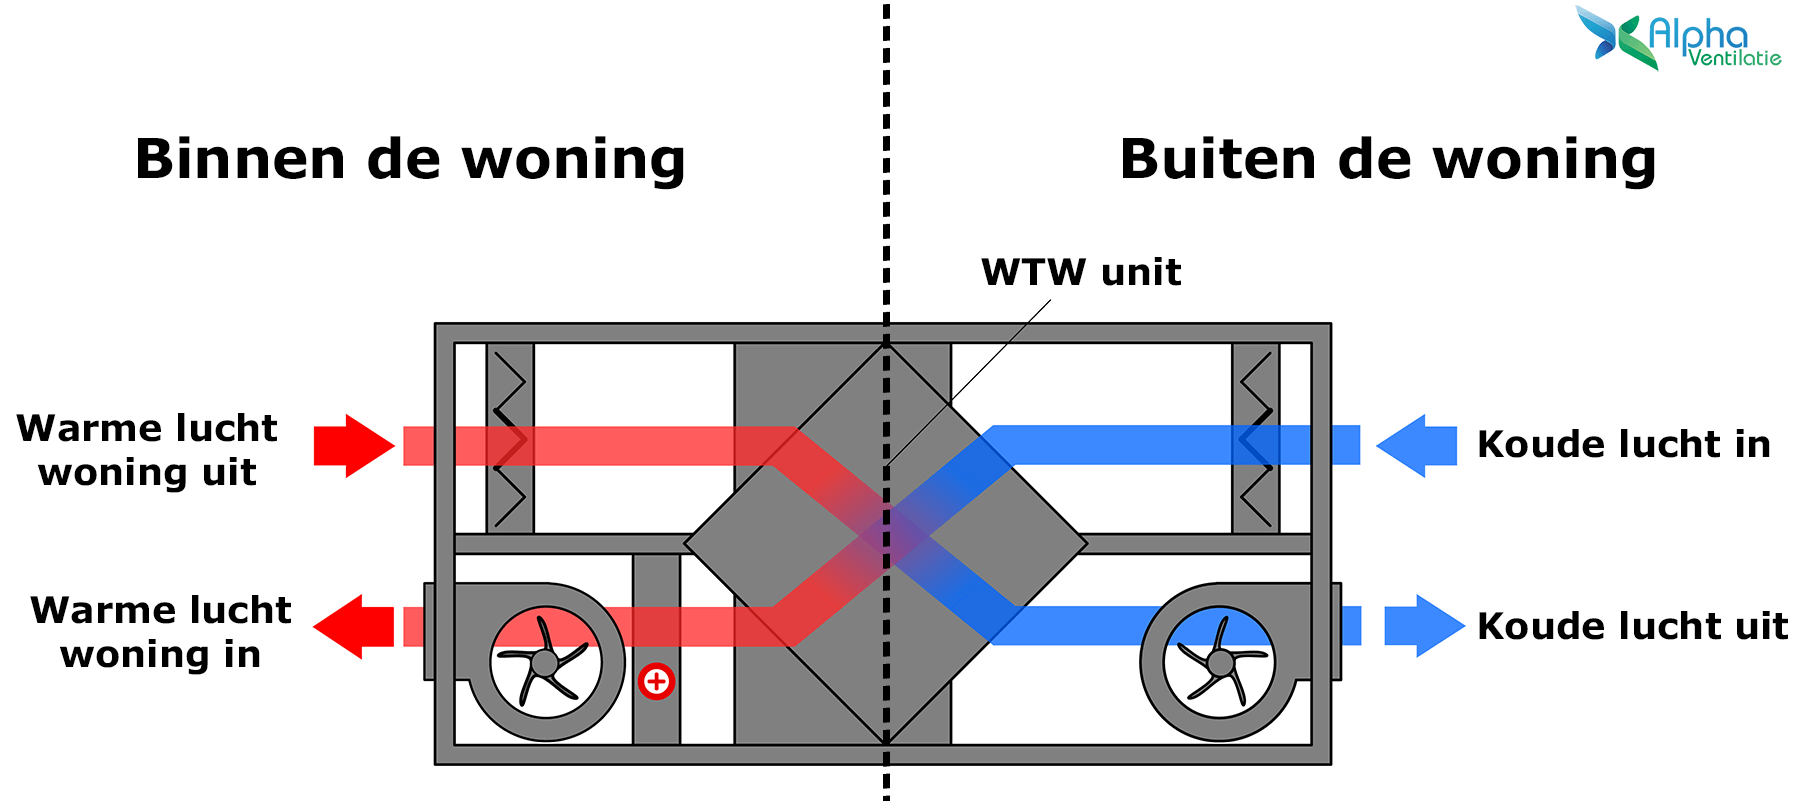 WTW unit werking